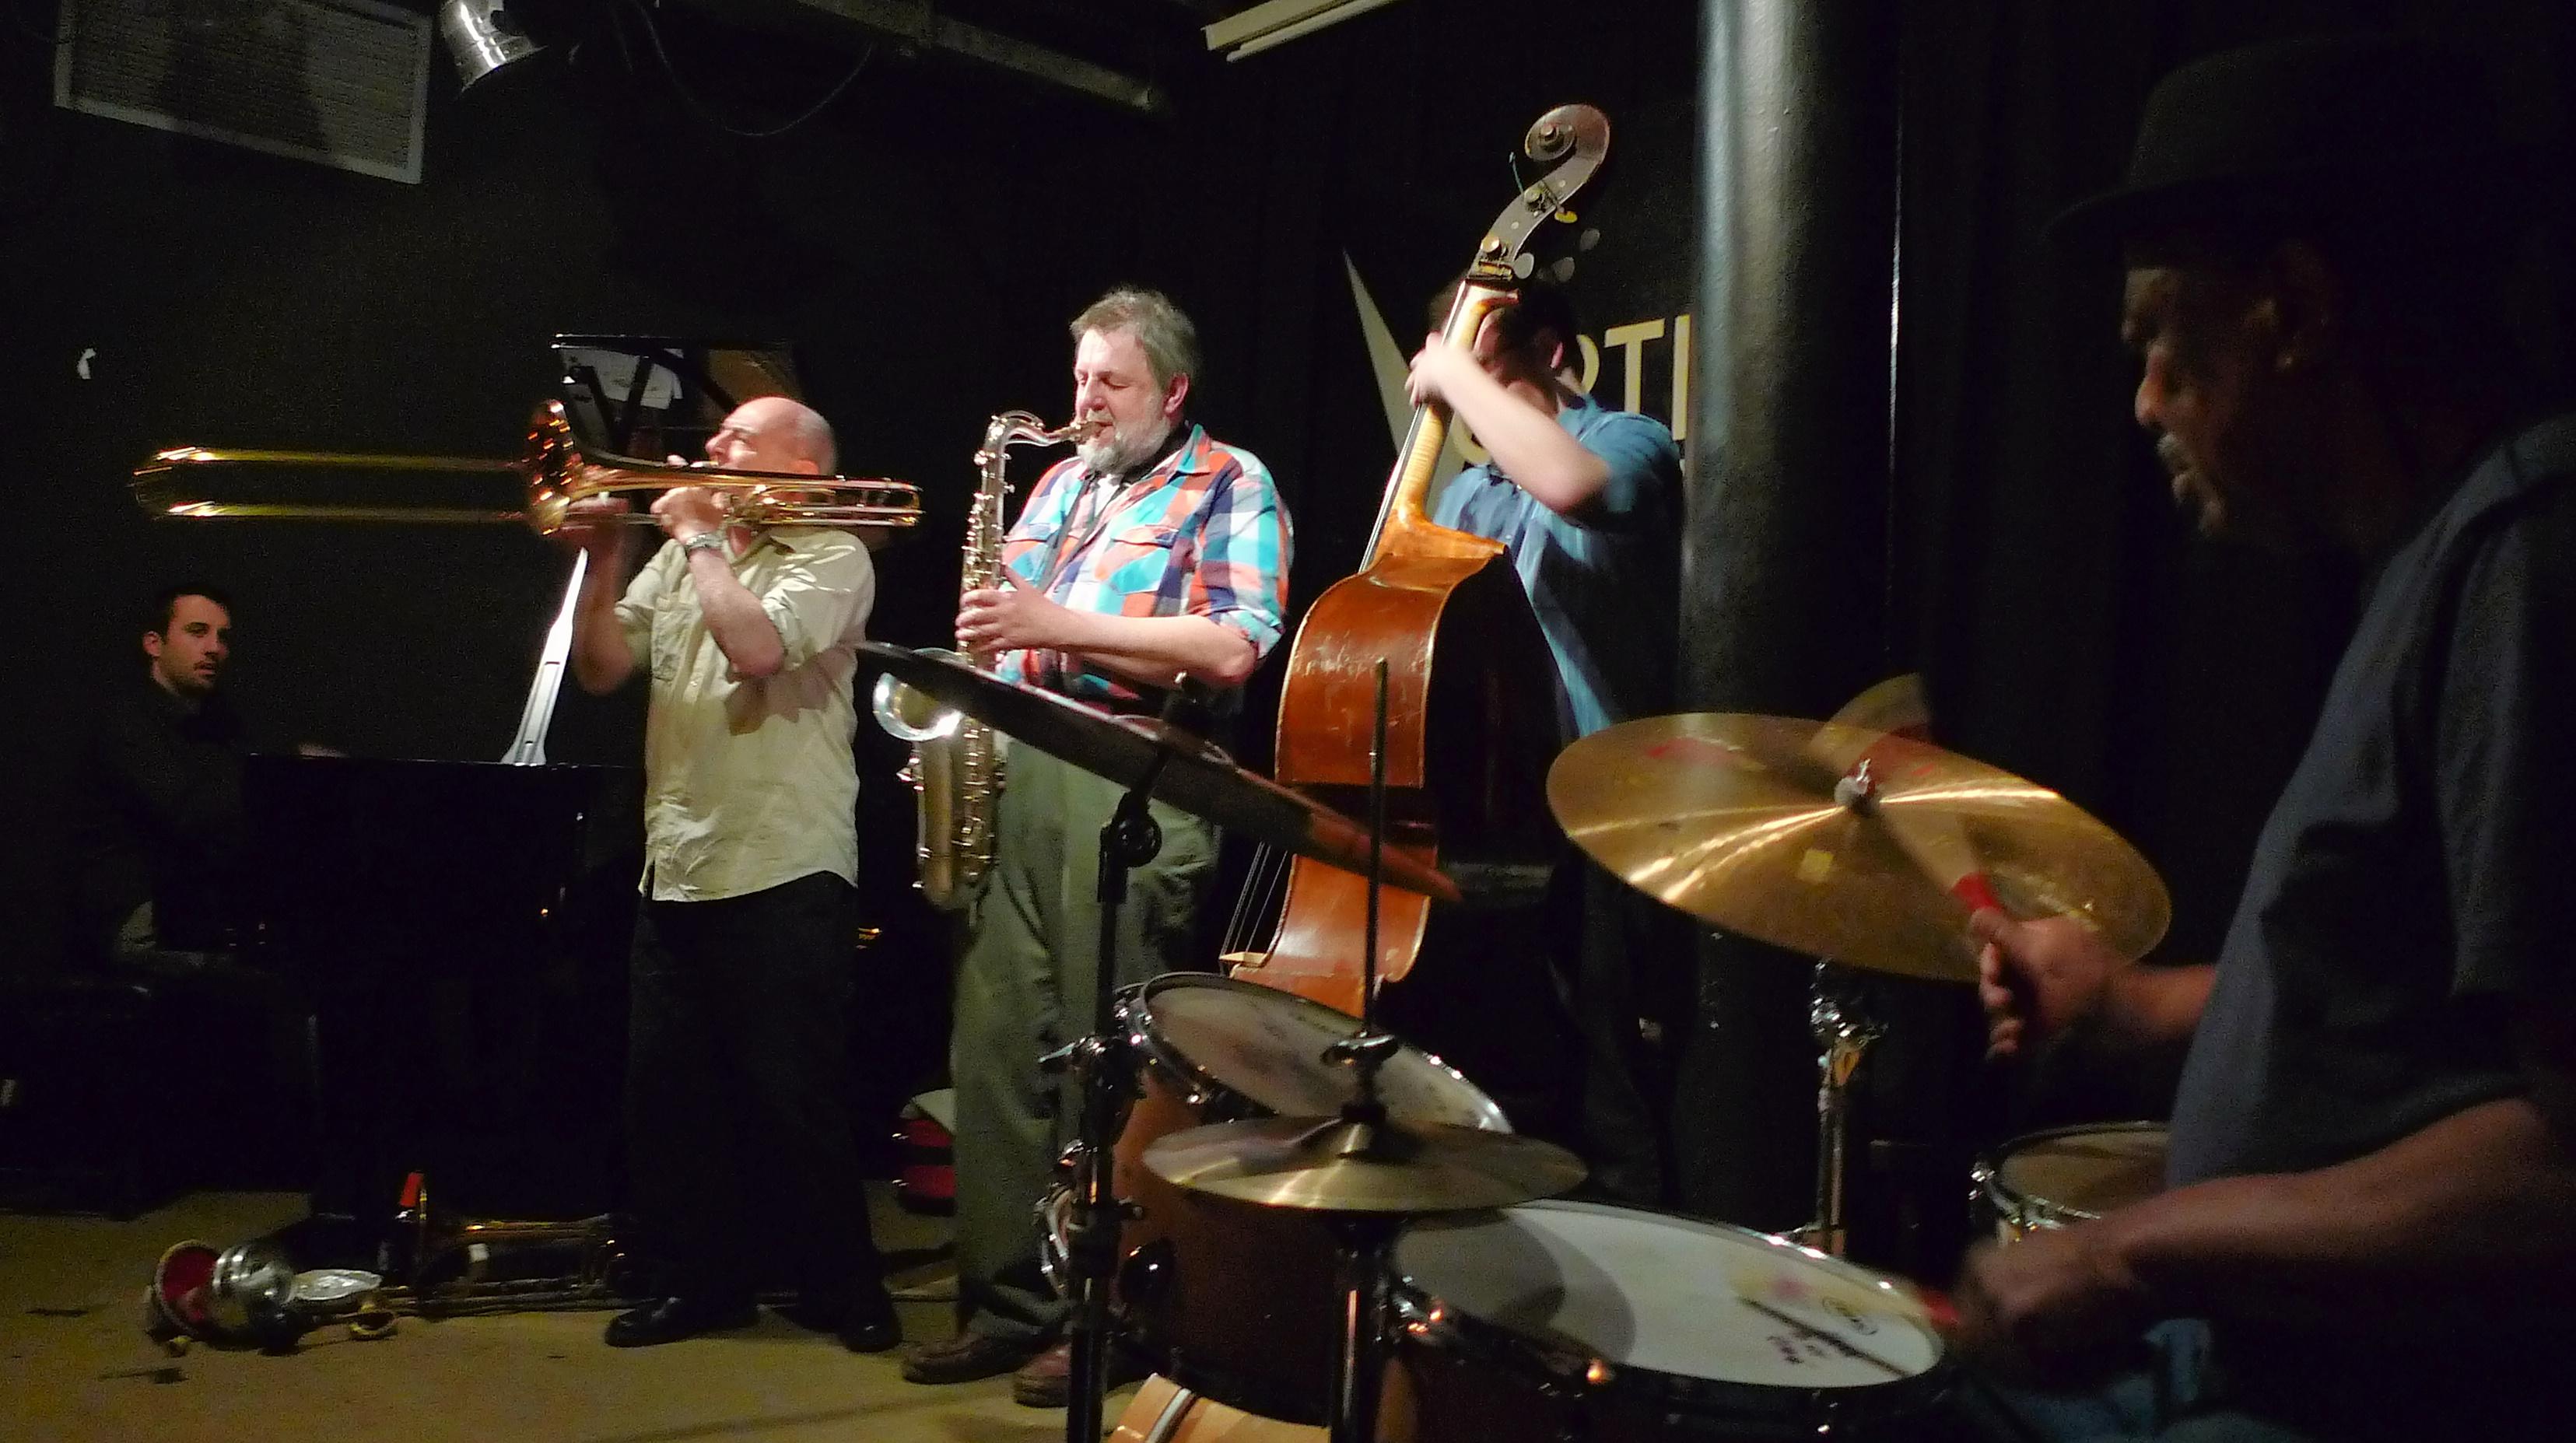 Jazz club - Wikipedia